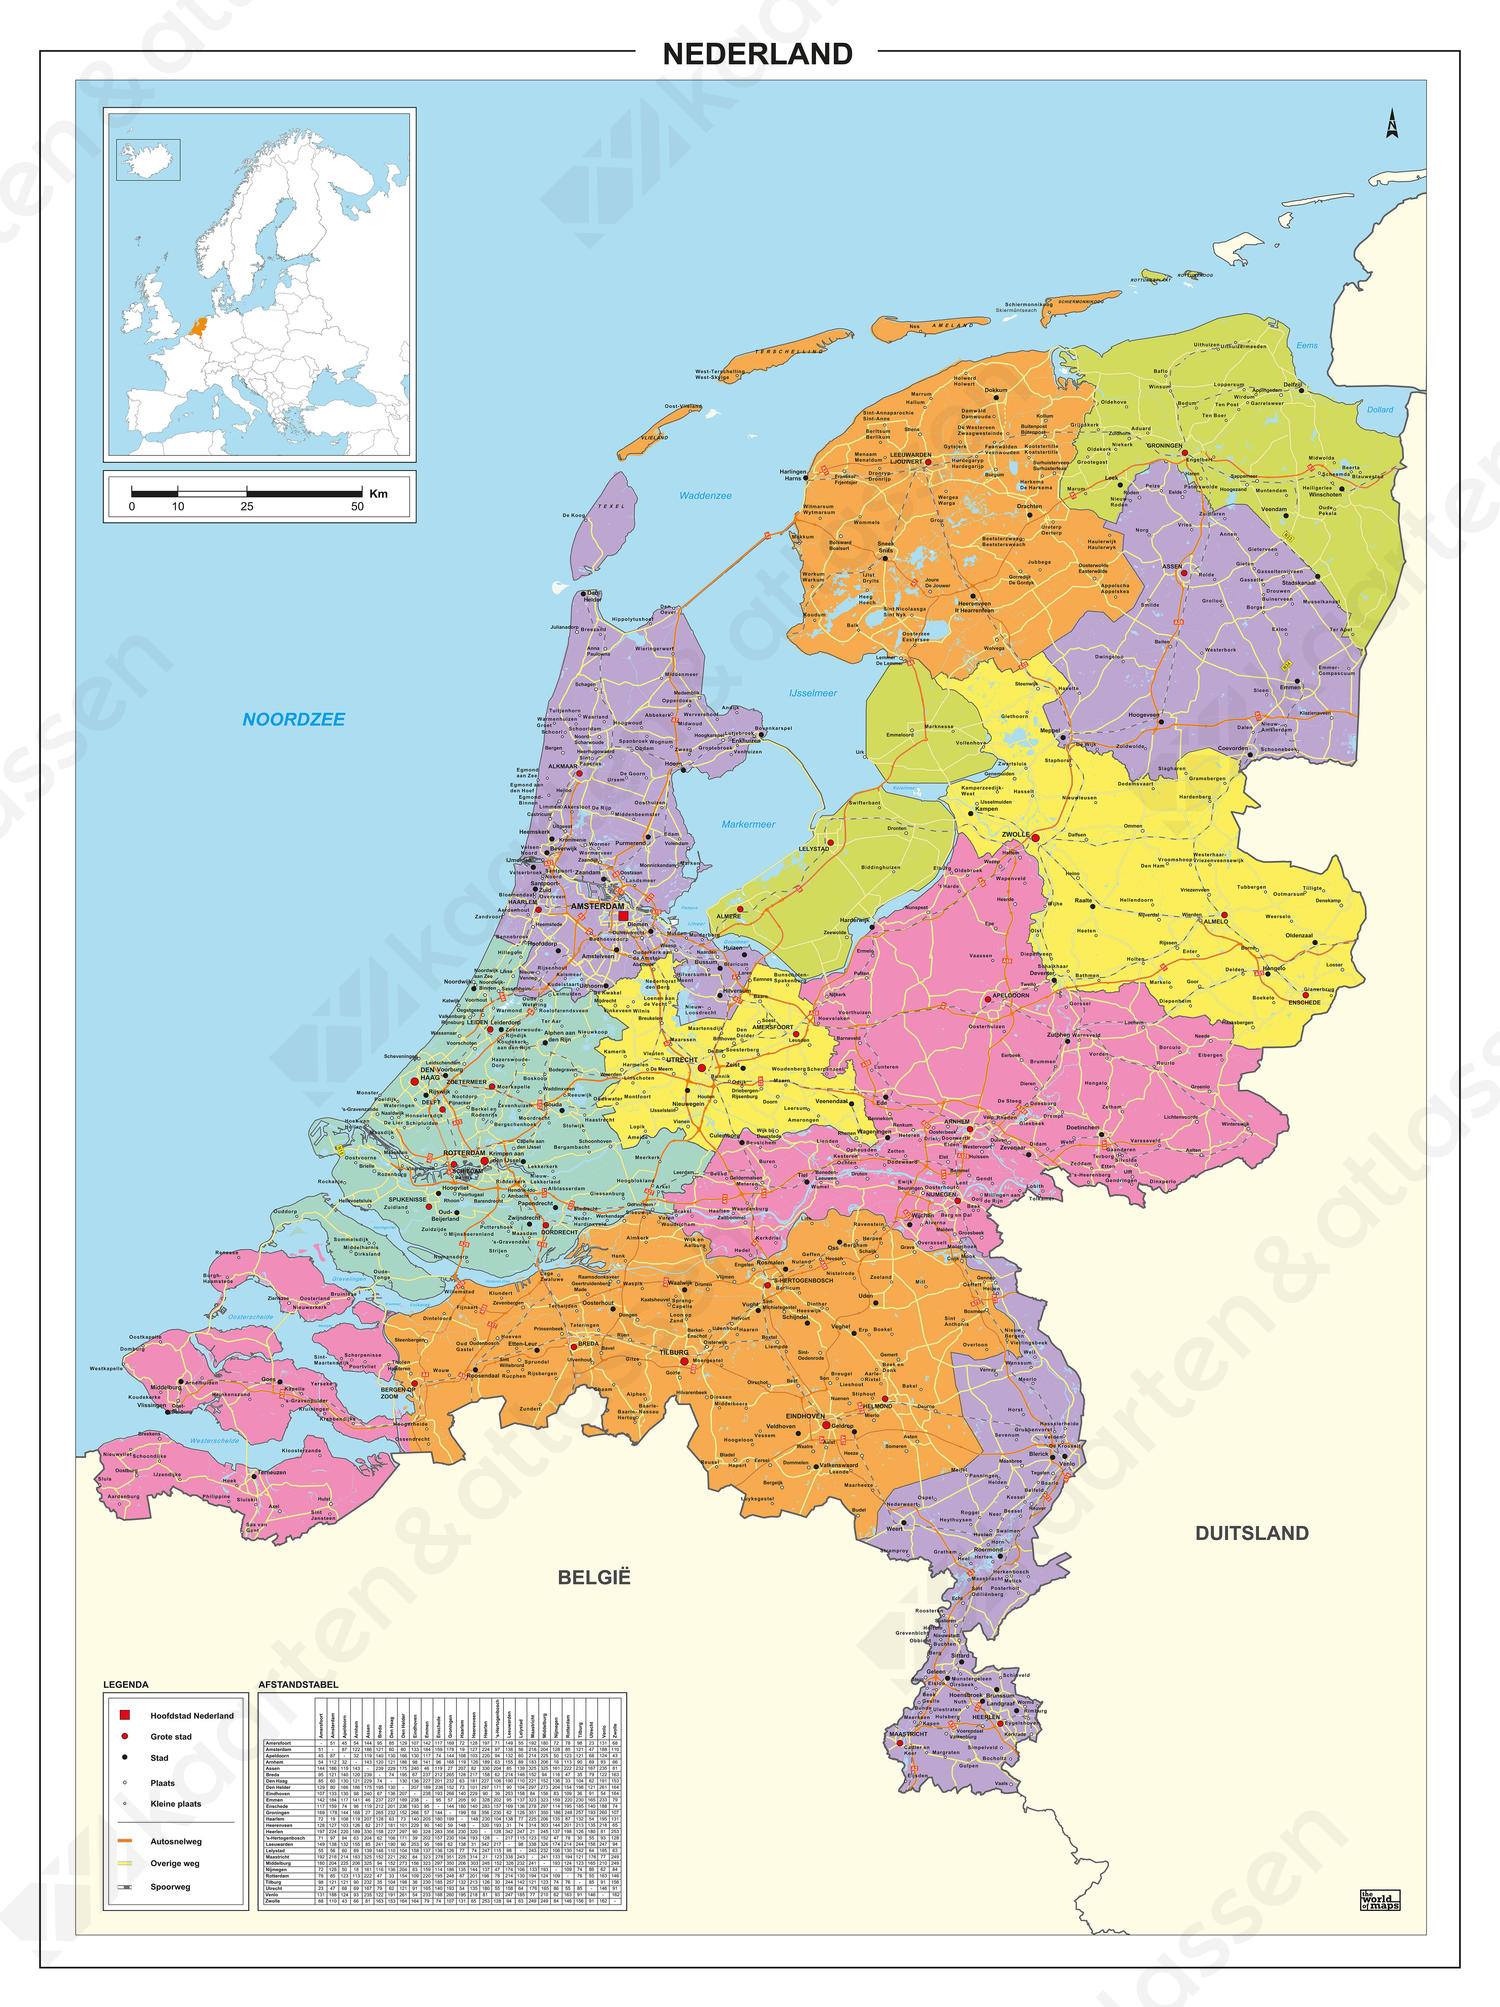 Kaart van Nederland met legenda en afstandstabel